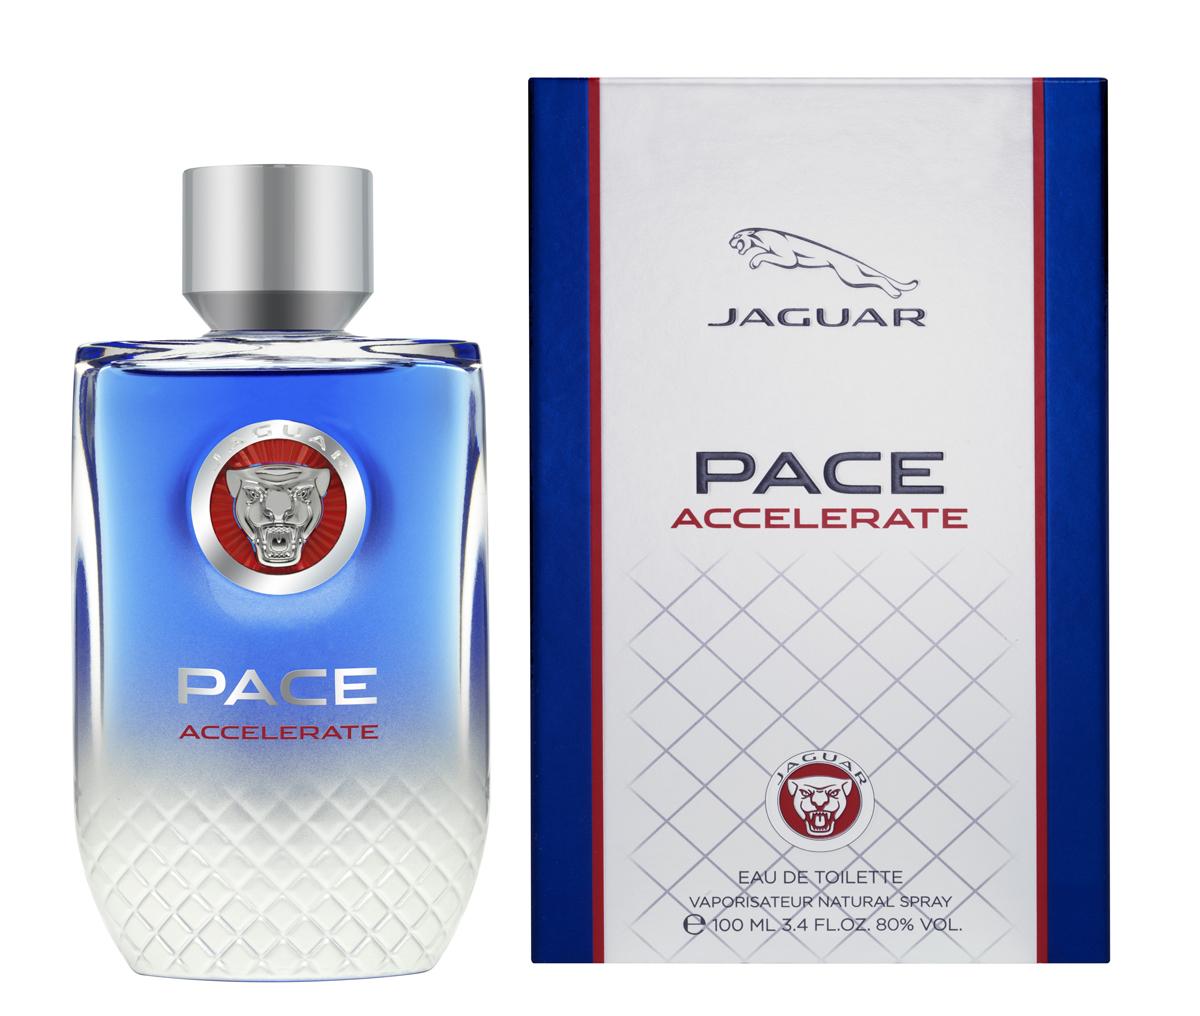 parfum jaguar by de for woman eau women yours amati ml evaflor perfume